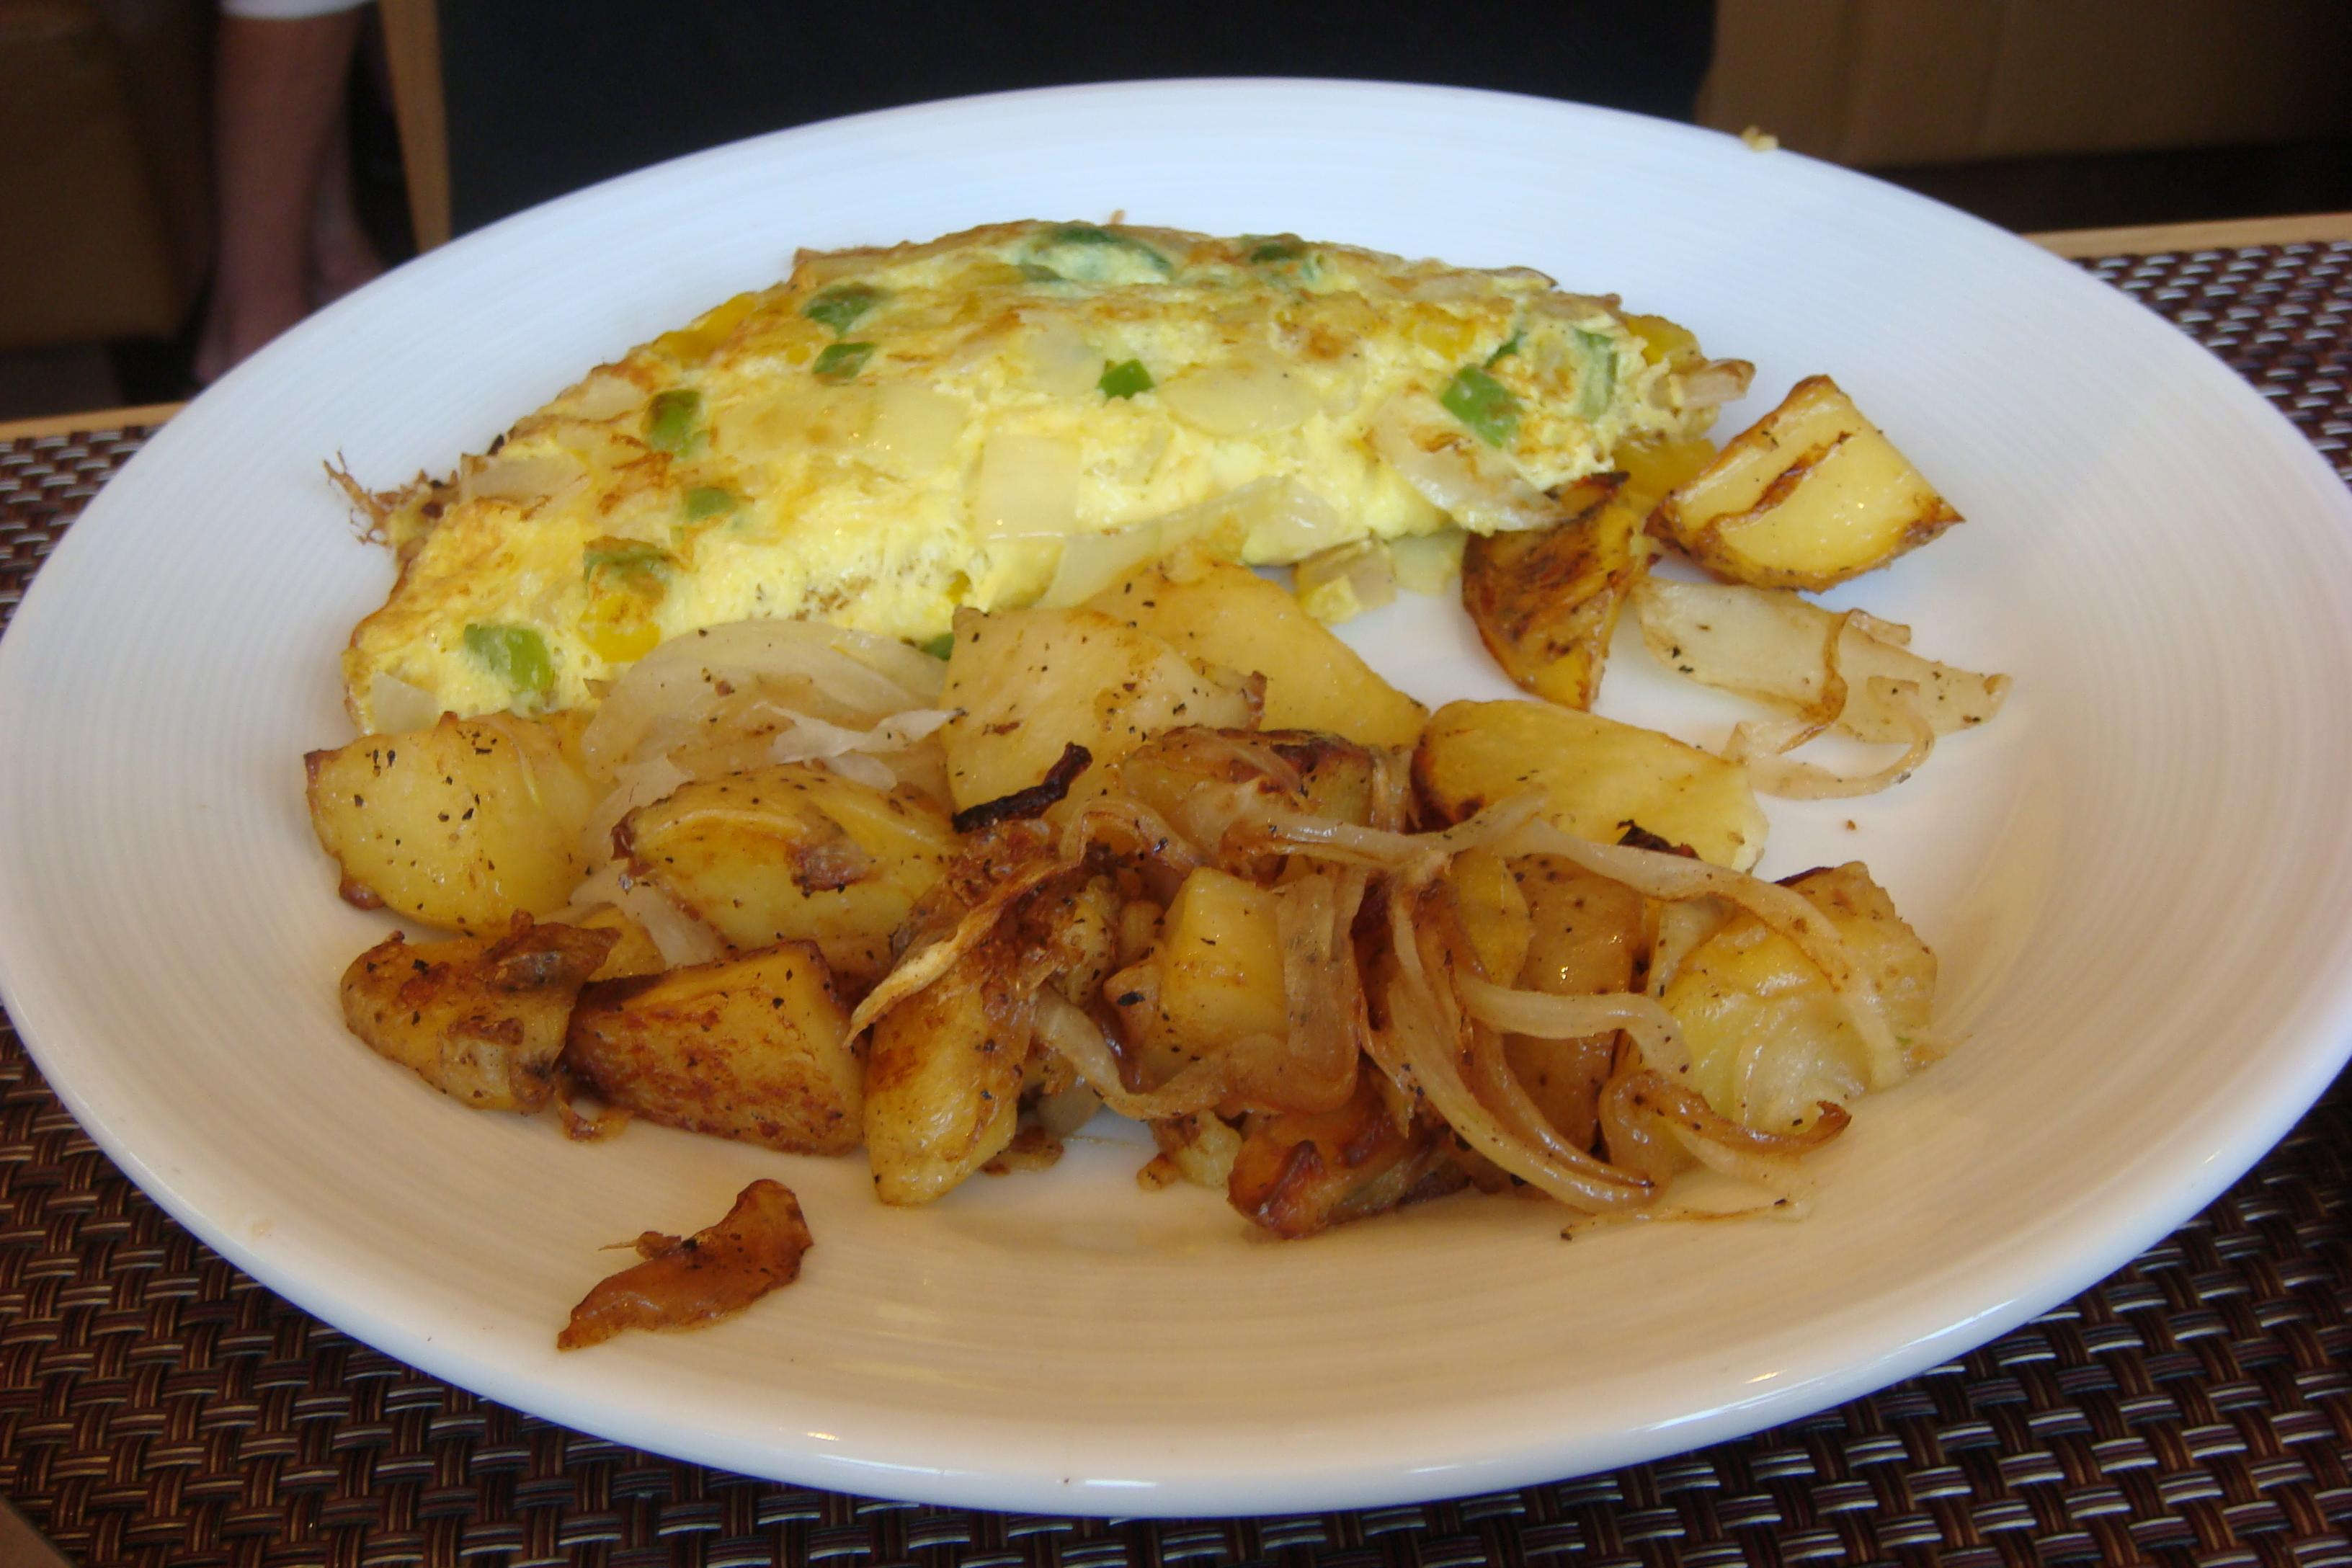 North 26 - Brunch - Omelet